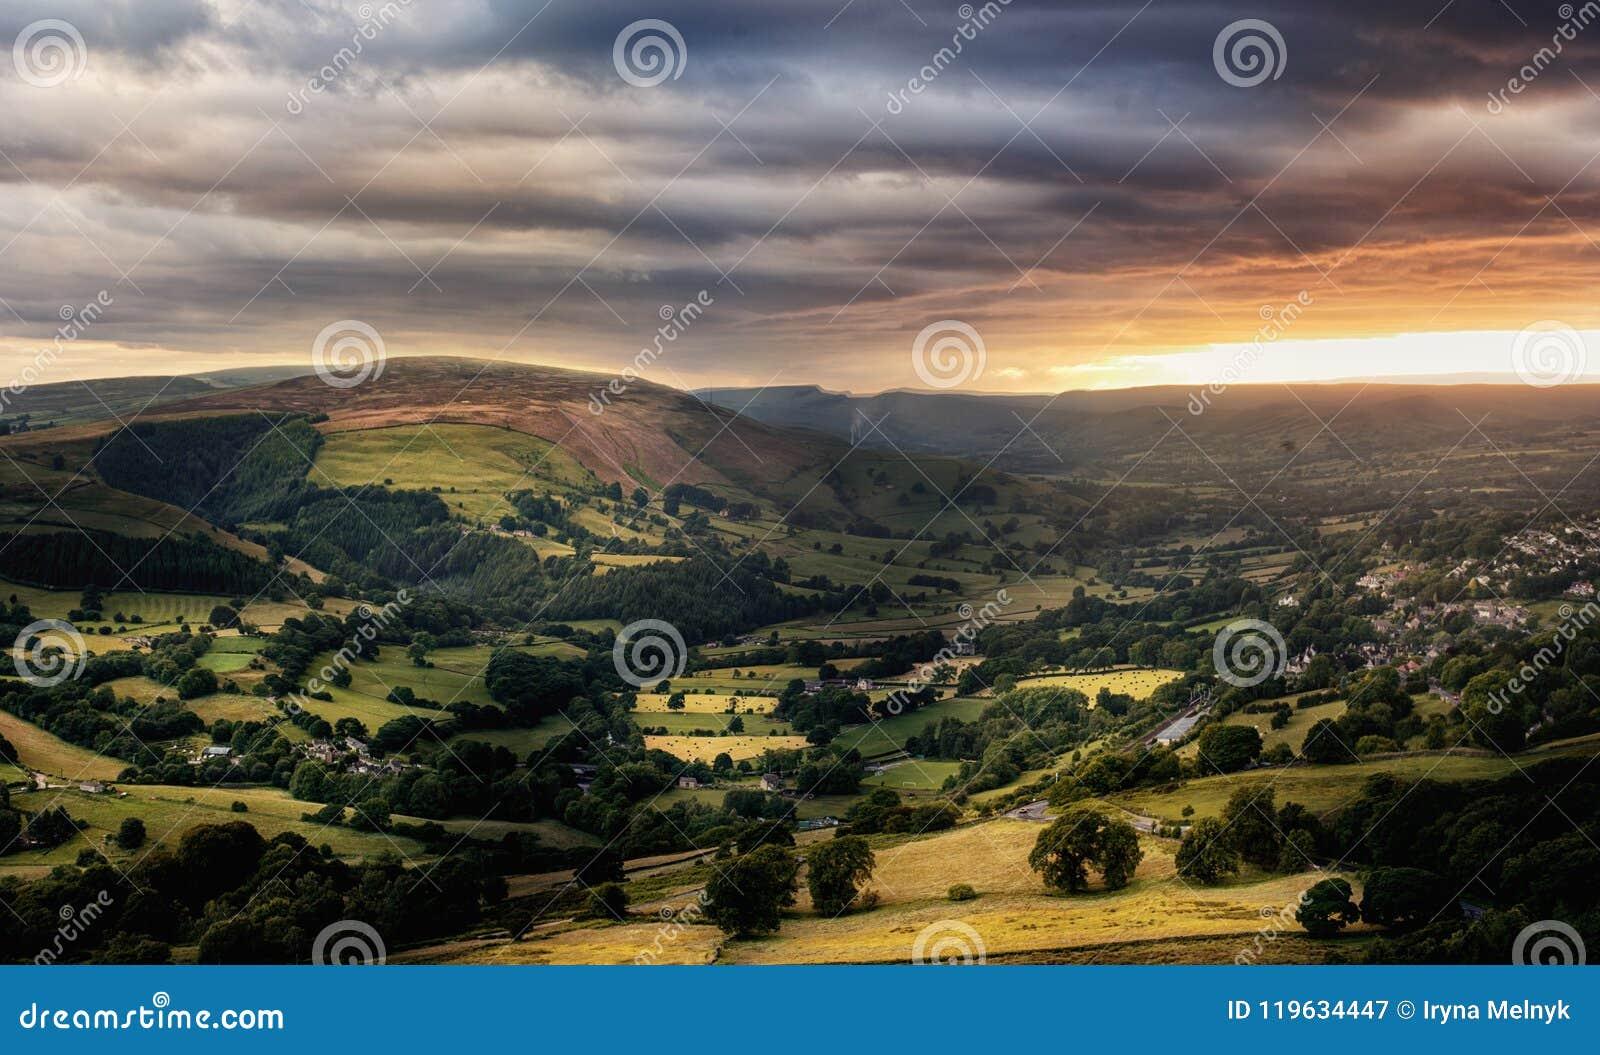 Fantastisk solnedgång, maximal områdesnationalpark, Derbyshire, England, Förenade kungariket, Europa